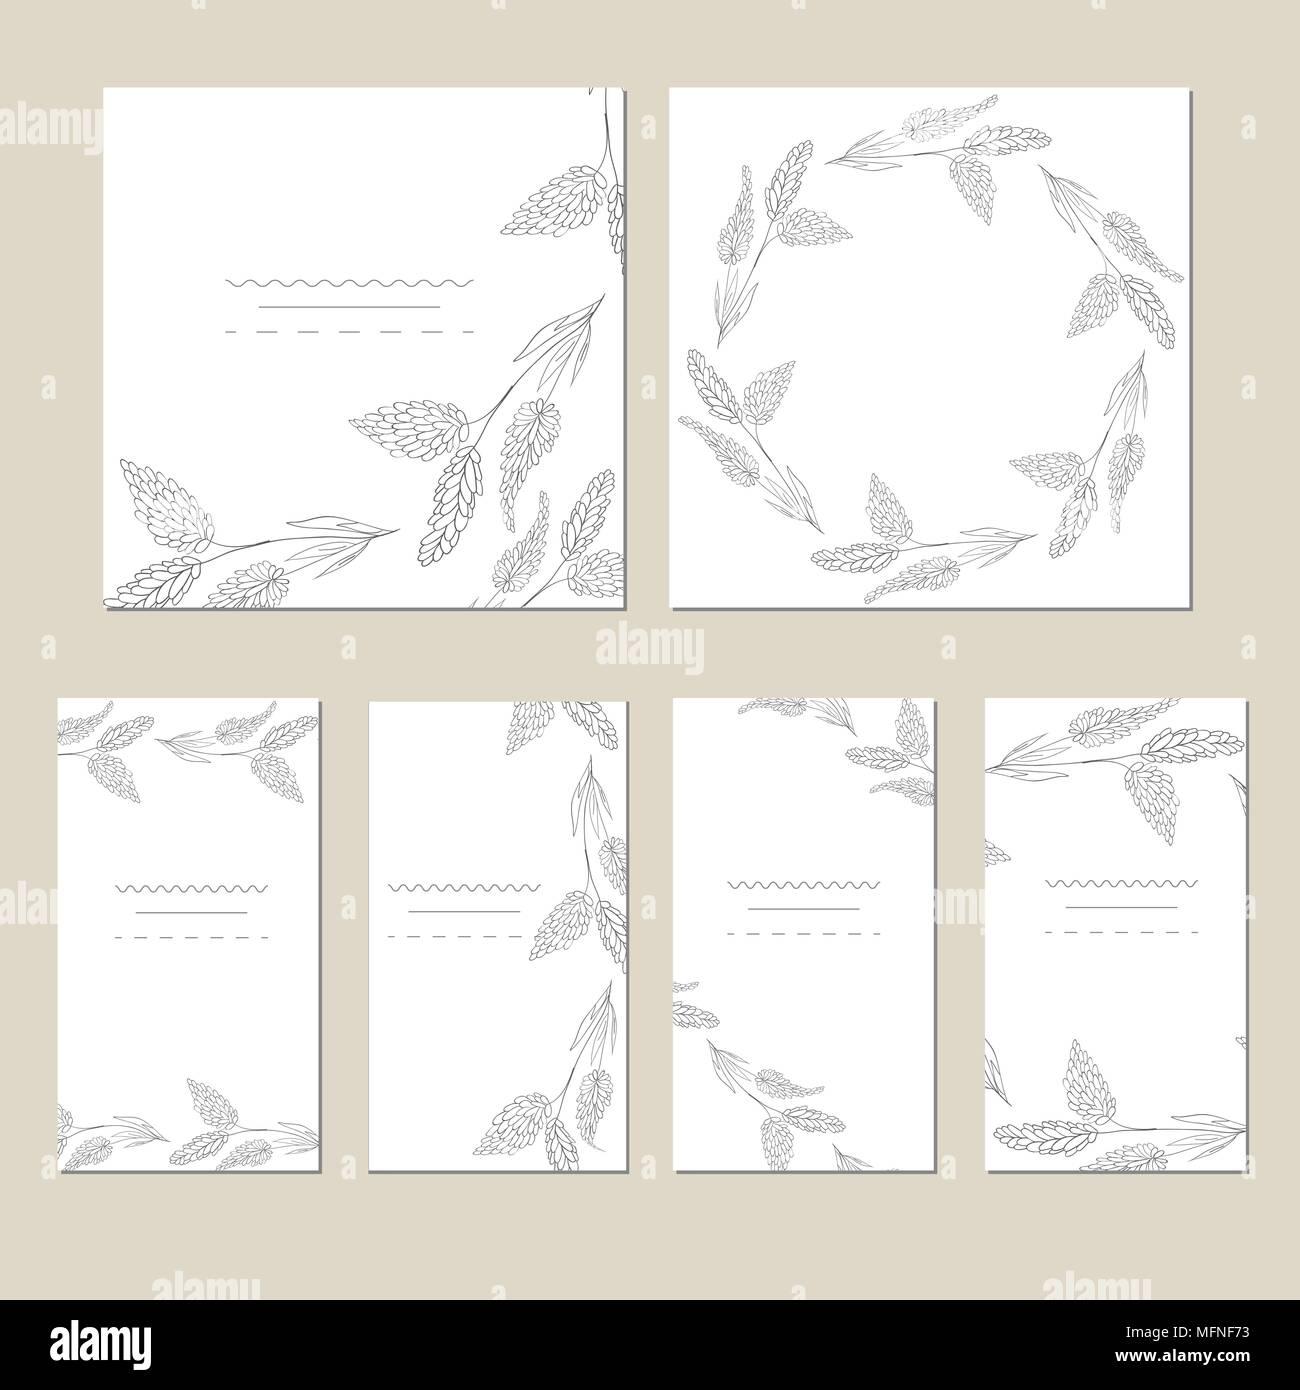 Der Vektor Universal Cards. Hochzeit, Jubiläum, Geburtstag, Party. Design  Für Poster, Karten, Einladung Broschüren Flyer Kreative Hand Texturen  Gezeichnet